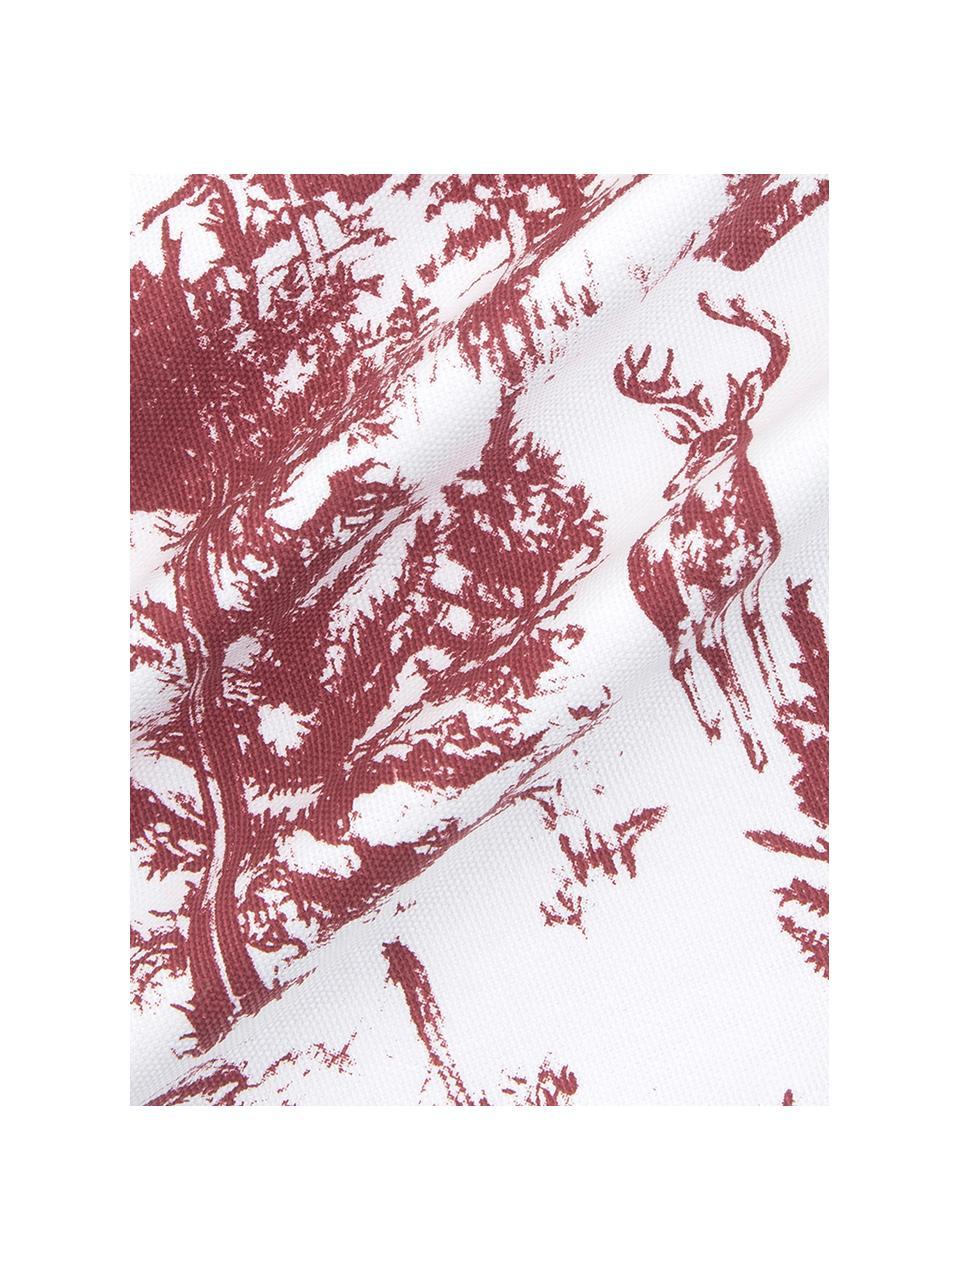 Poszewka na poduszkę  Nordic, 100% bawełna, Biały, czerwony, S 40 x D 40 cm